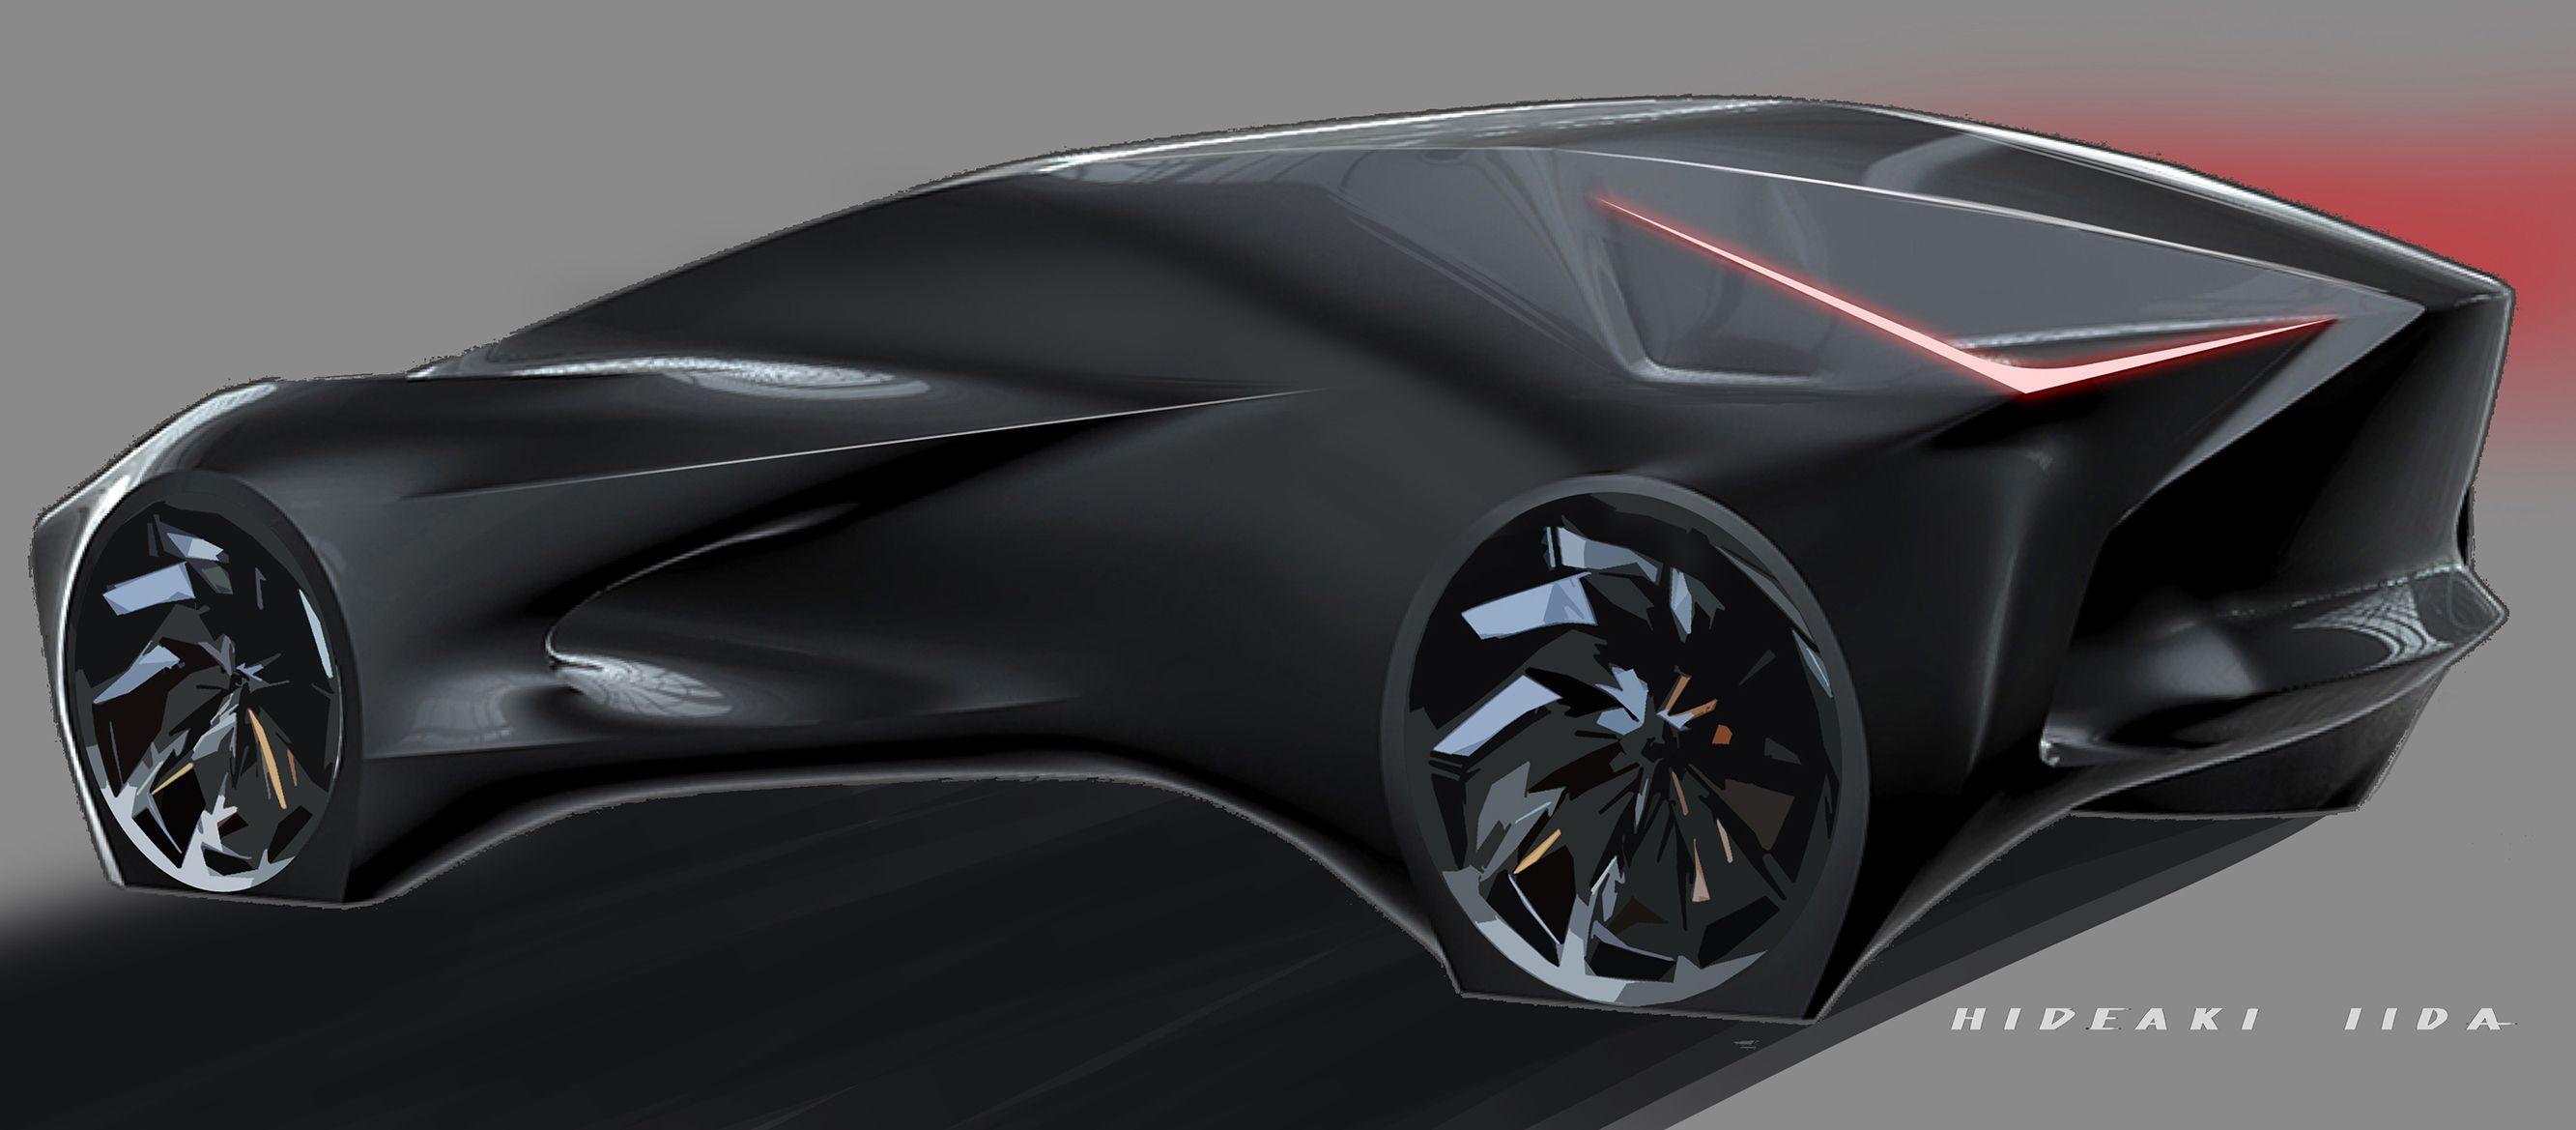 收藏到 1.Car Design